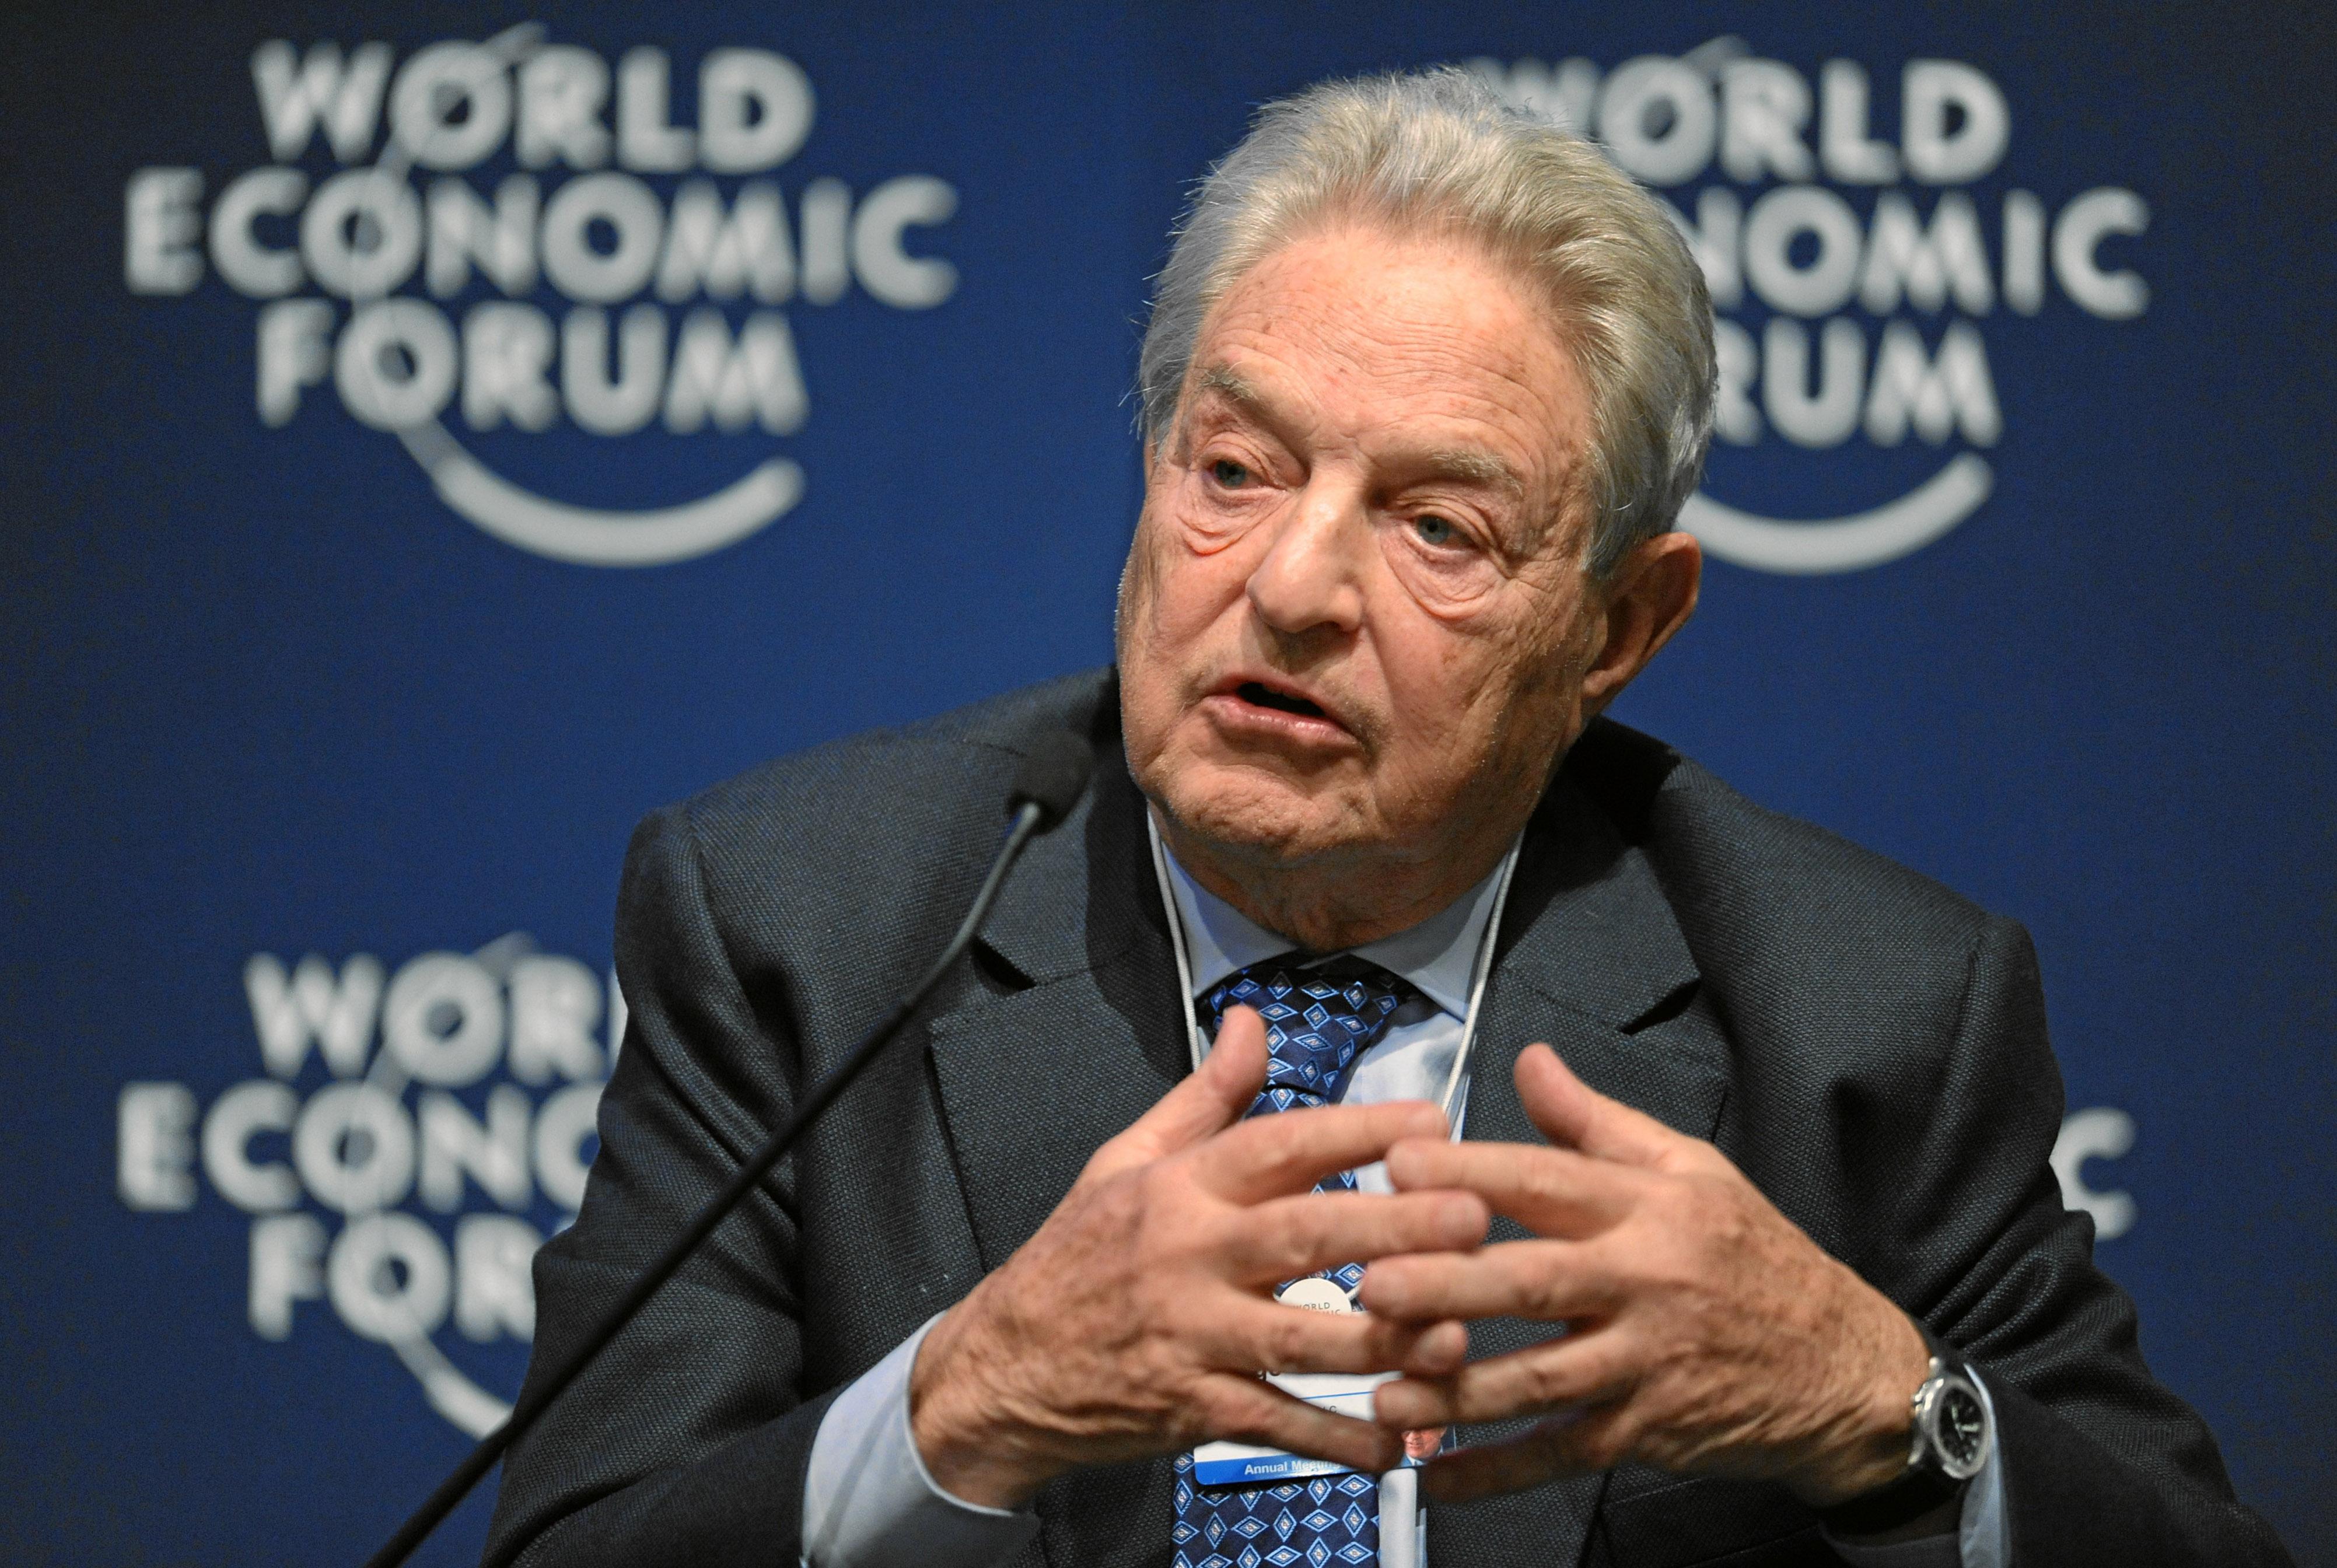 ¿Por qué el 27° hombre más rico del mundo invierte en YP